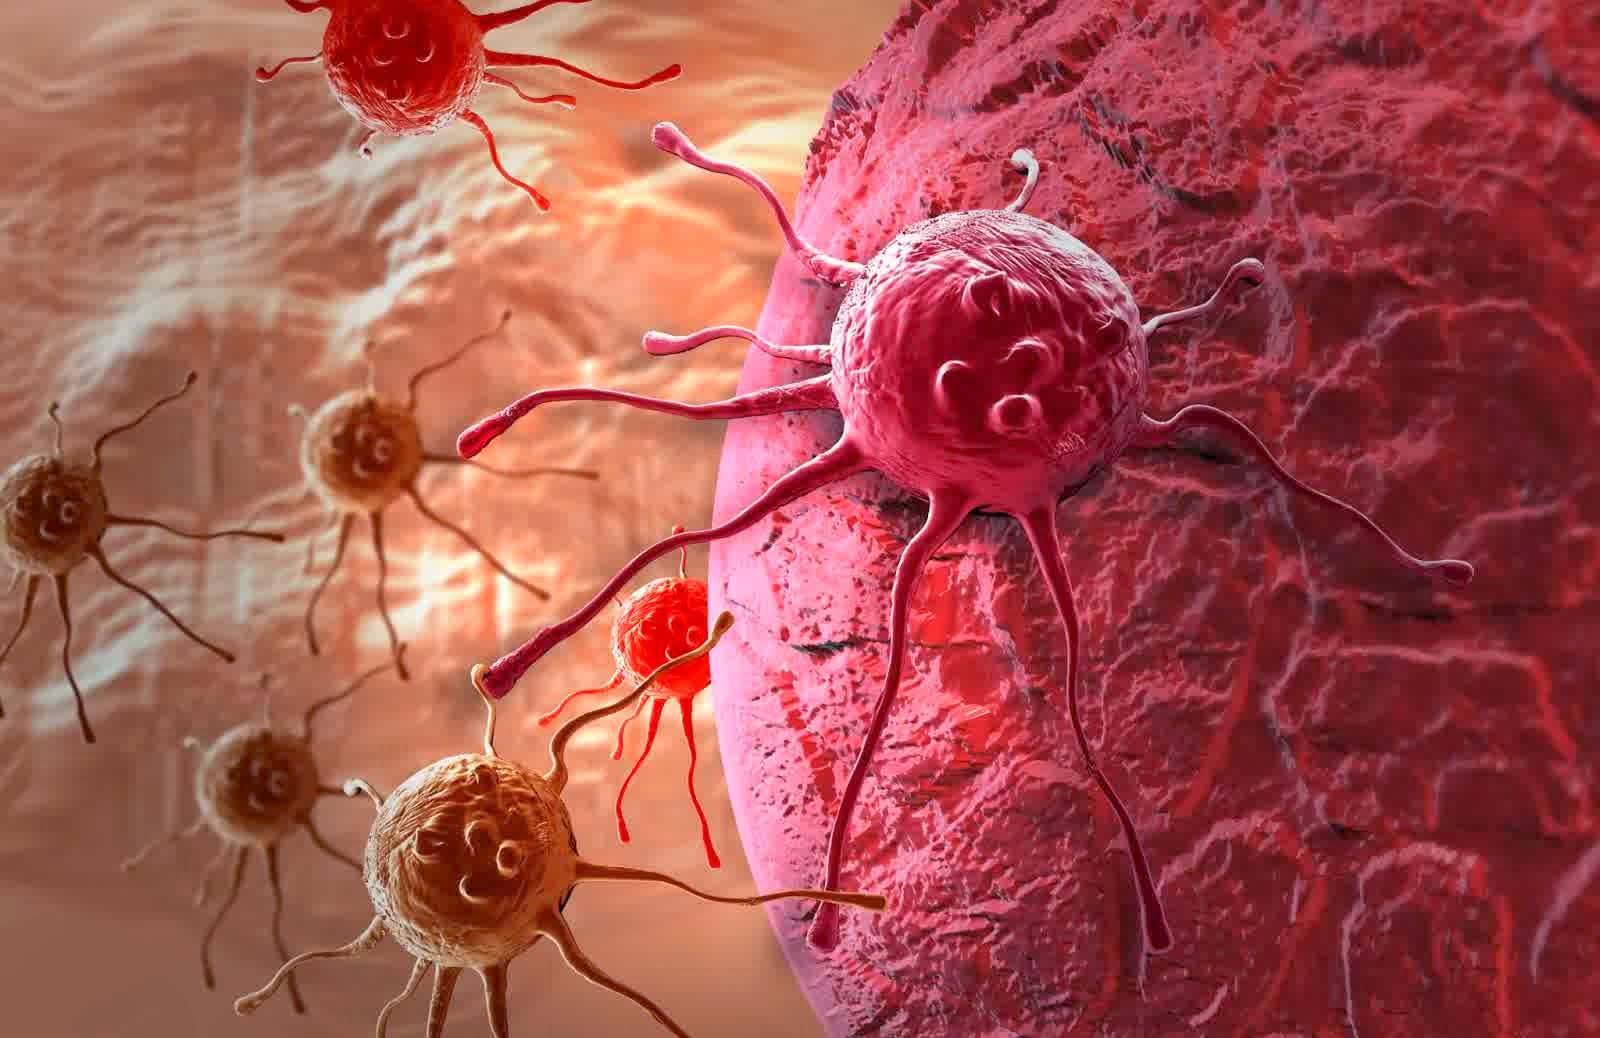 Novel tecnica di chirurgia robot-assistita migliora la rimozione dei tumori del cancro del rene piccolo